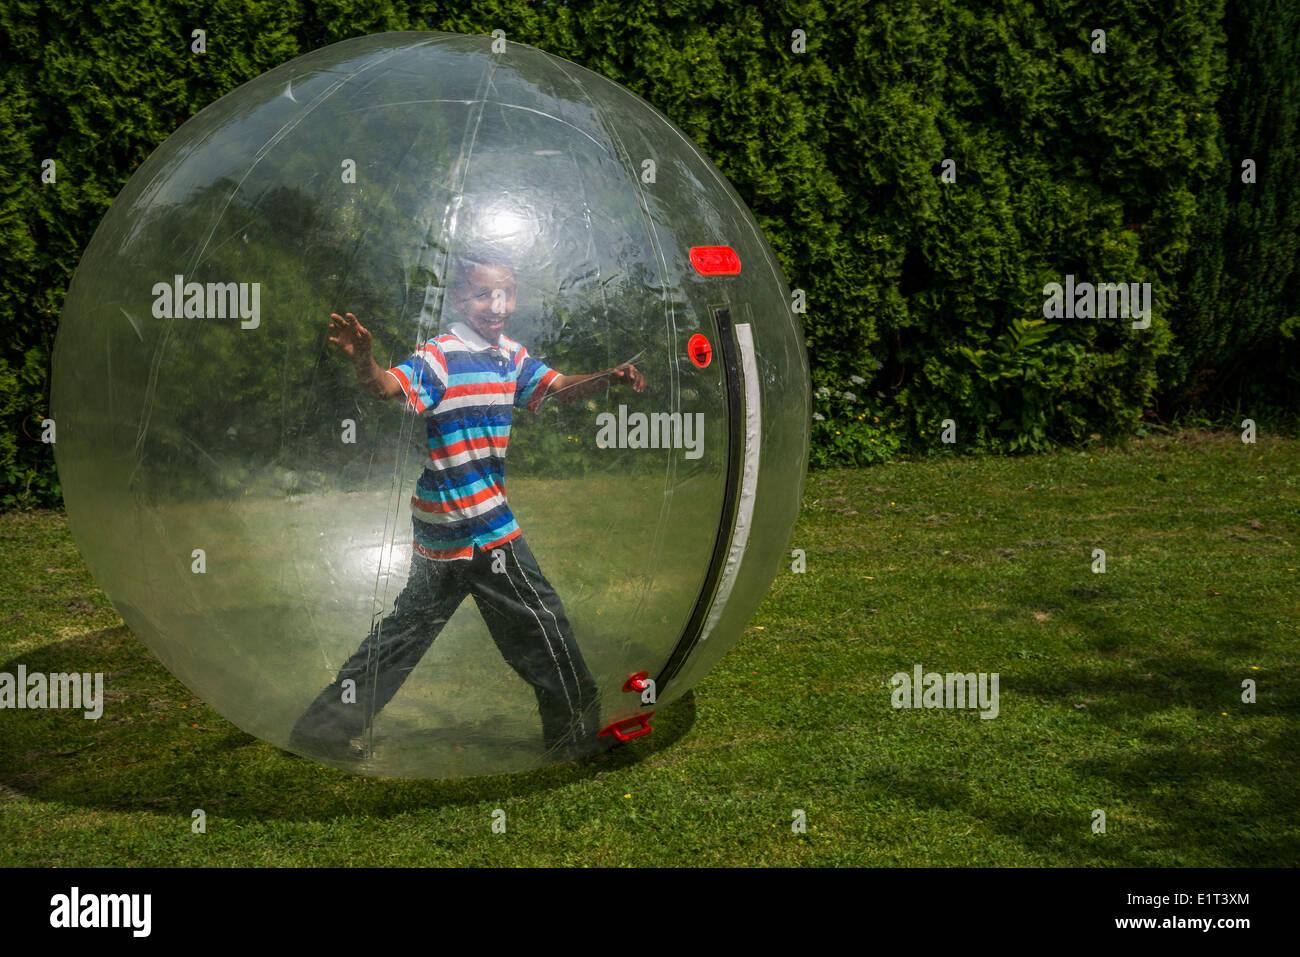 Junge in einer Blase-Kugel. Stockfoto